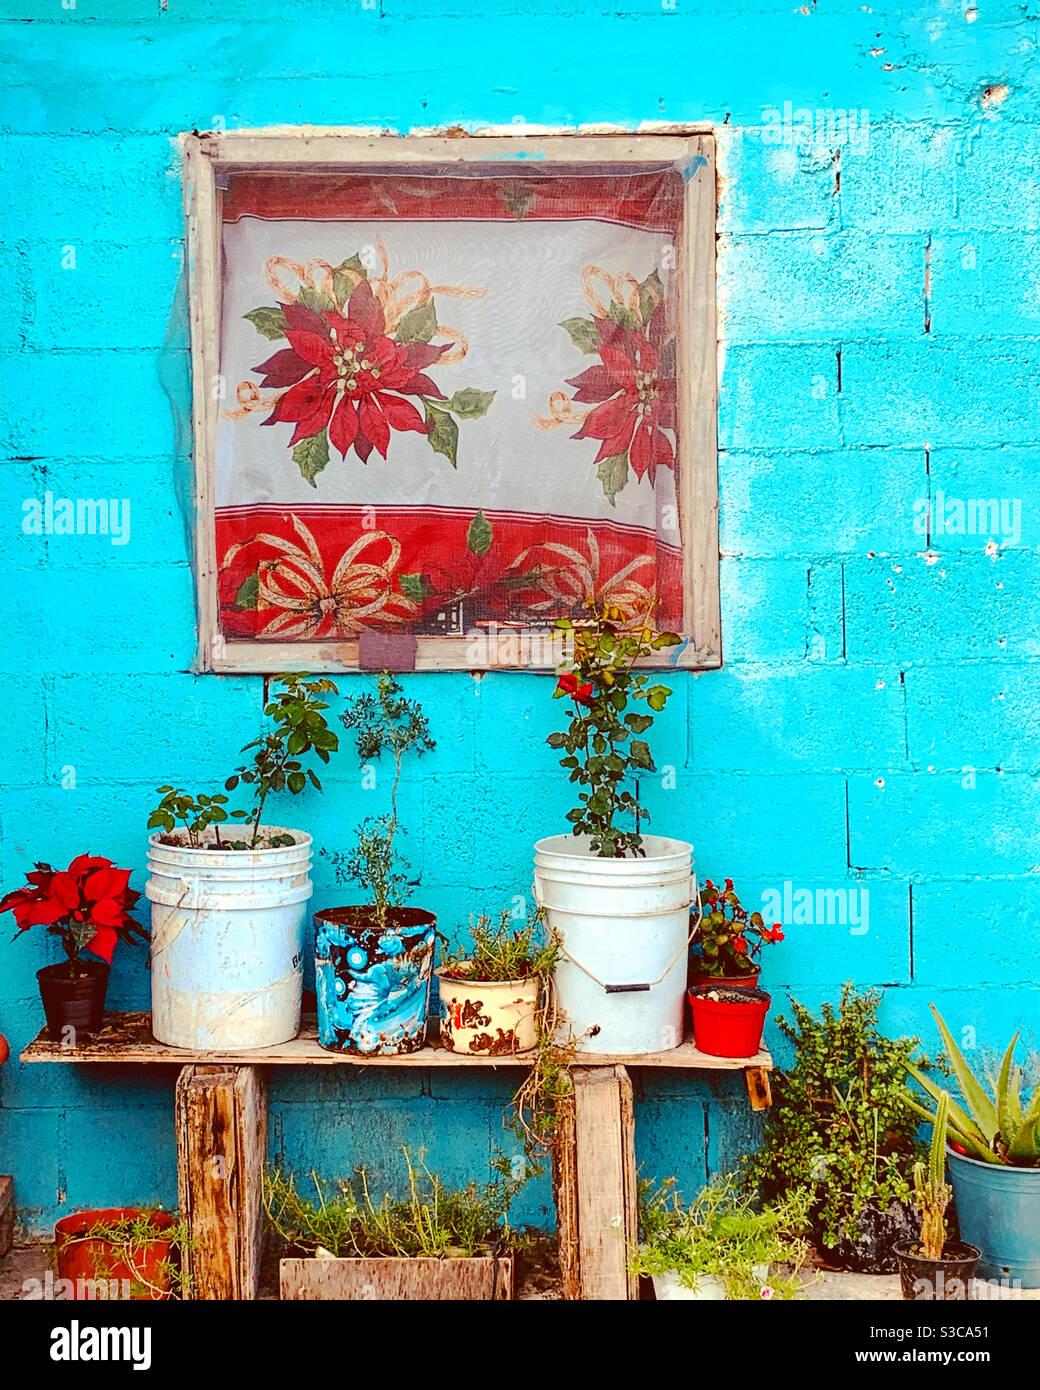 Piante e decorazioni di Natale di fronte a casa modesta in Messico Foto Stock